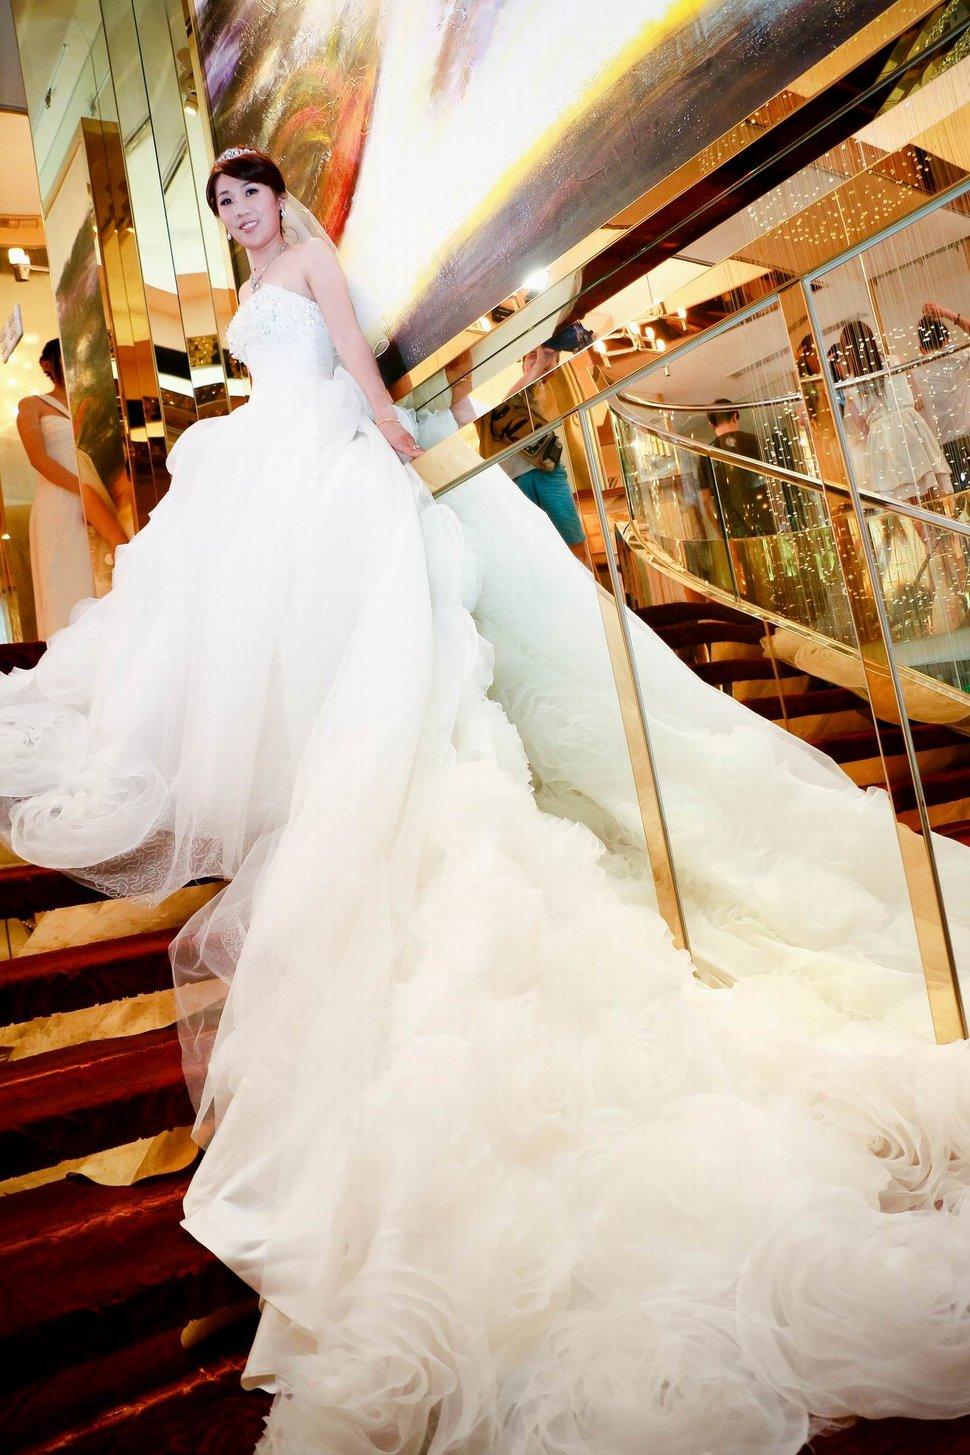 板橋吉立定結餐廳迎娶文定婚禮記錄結婚迎娶婚禮攝影動態微電影錄影專業錄影平面攝影影婚禮主持人(編號:197018) - 蜜月拍照10800錄影12800攝影團隊 - 結婚吧